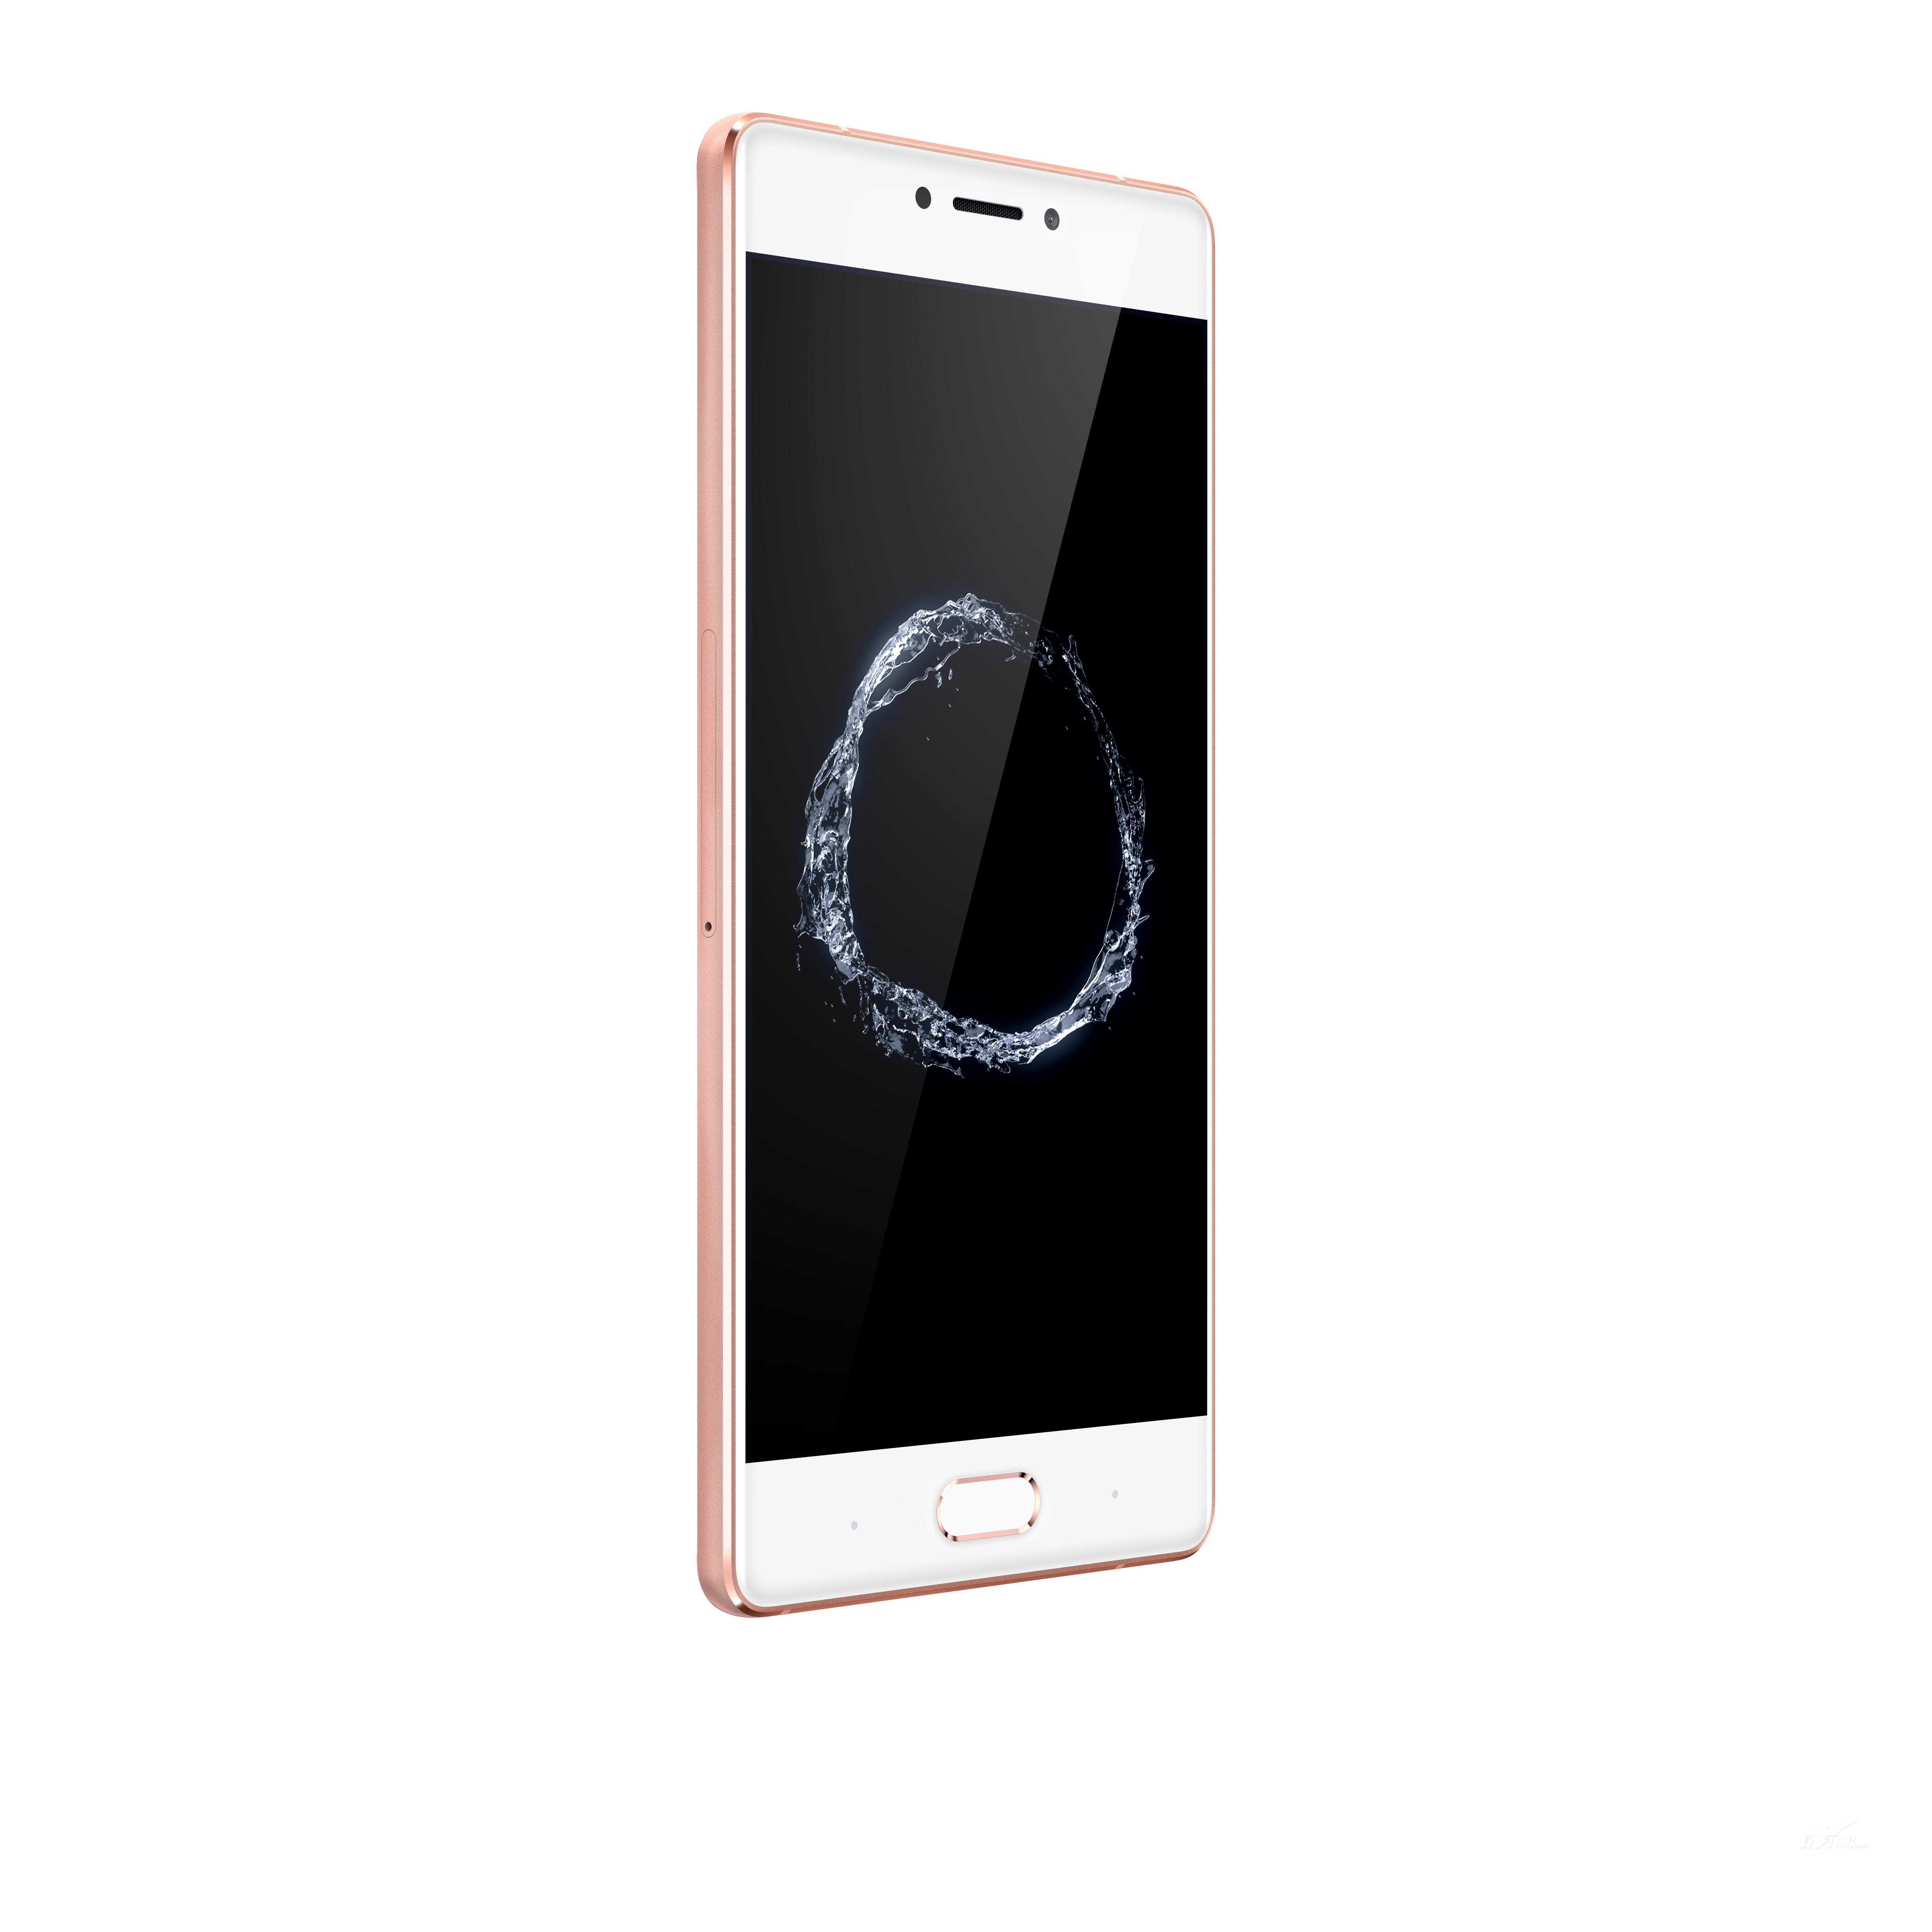 金立s8 闪耀金手机产品图片3素材-it168手机图片大全